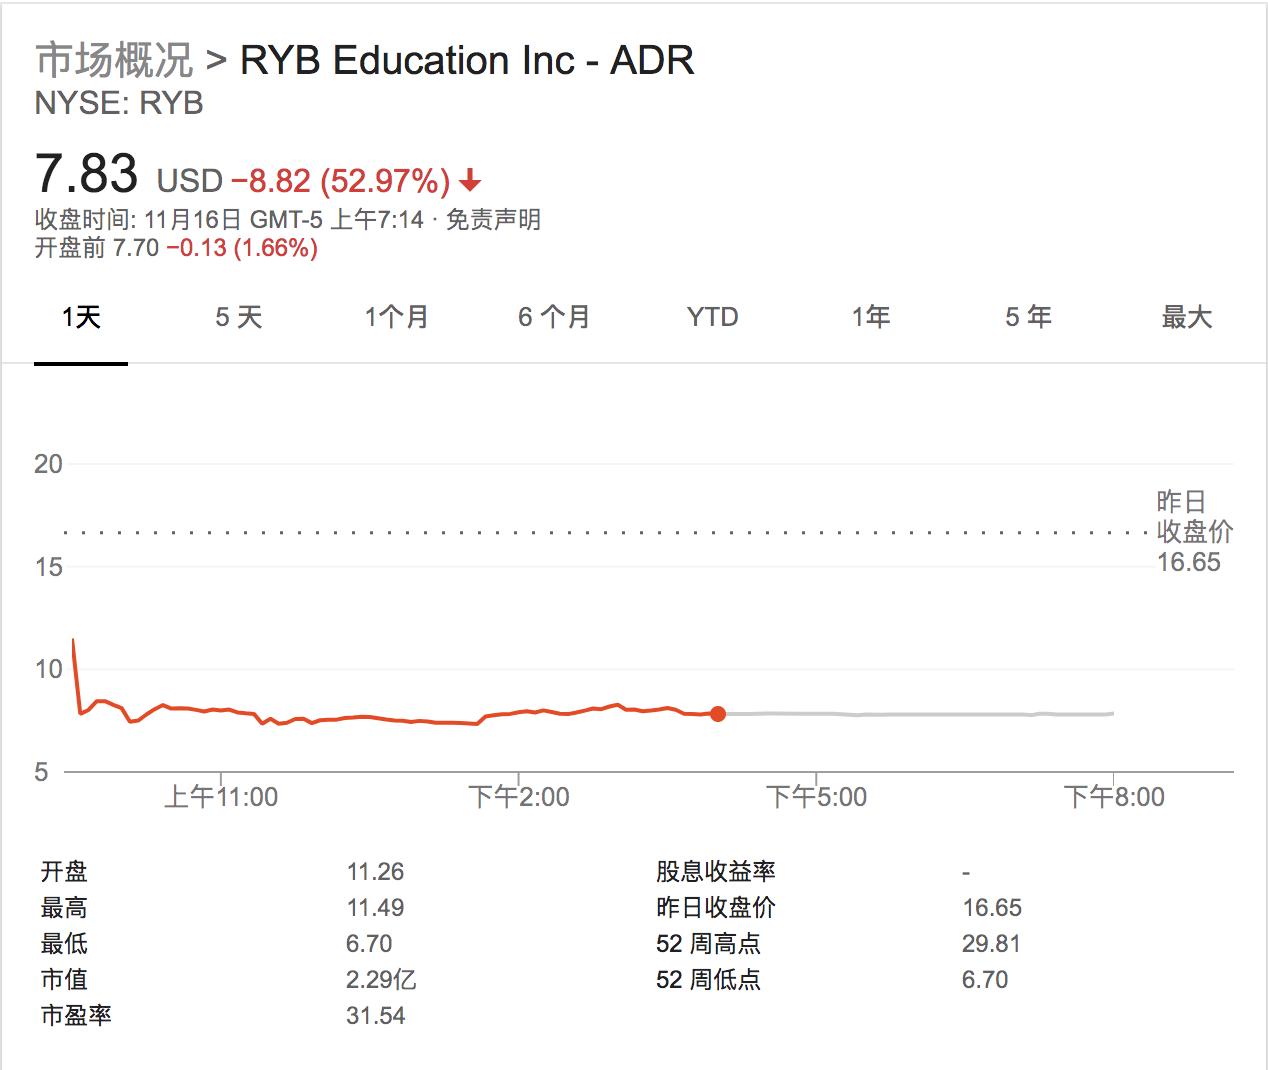 红黄蓝盘前一度反弹涨逾7% 昨日股价一夜腰斩